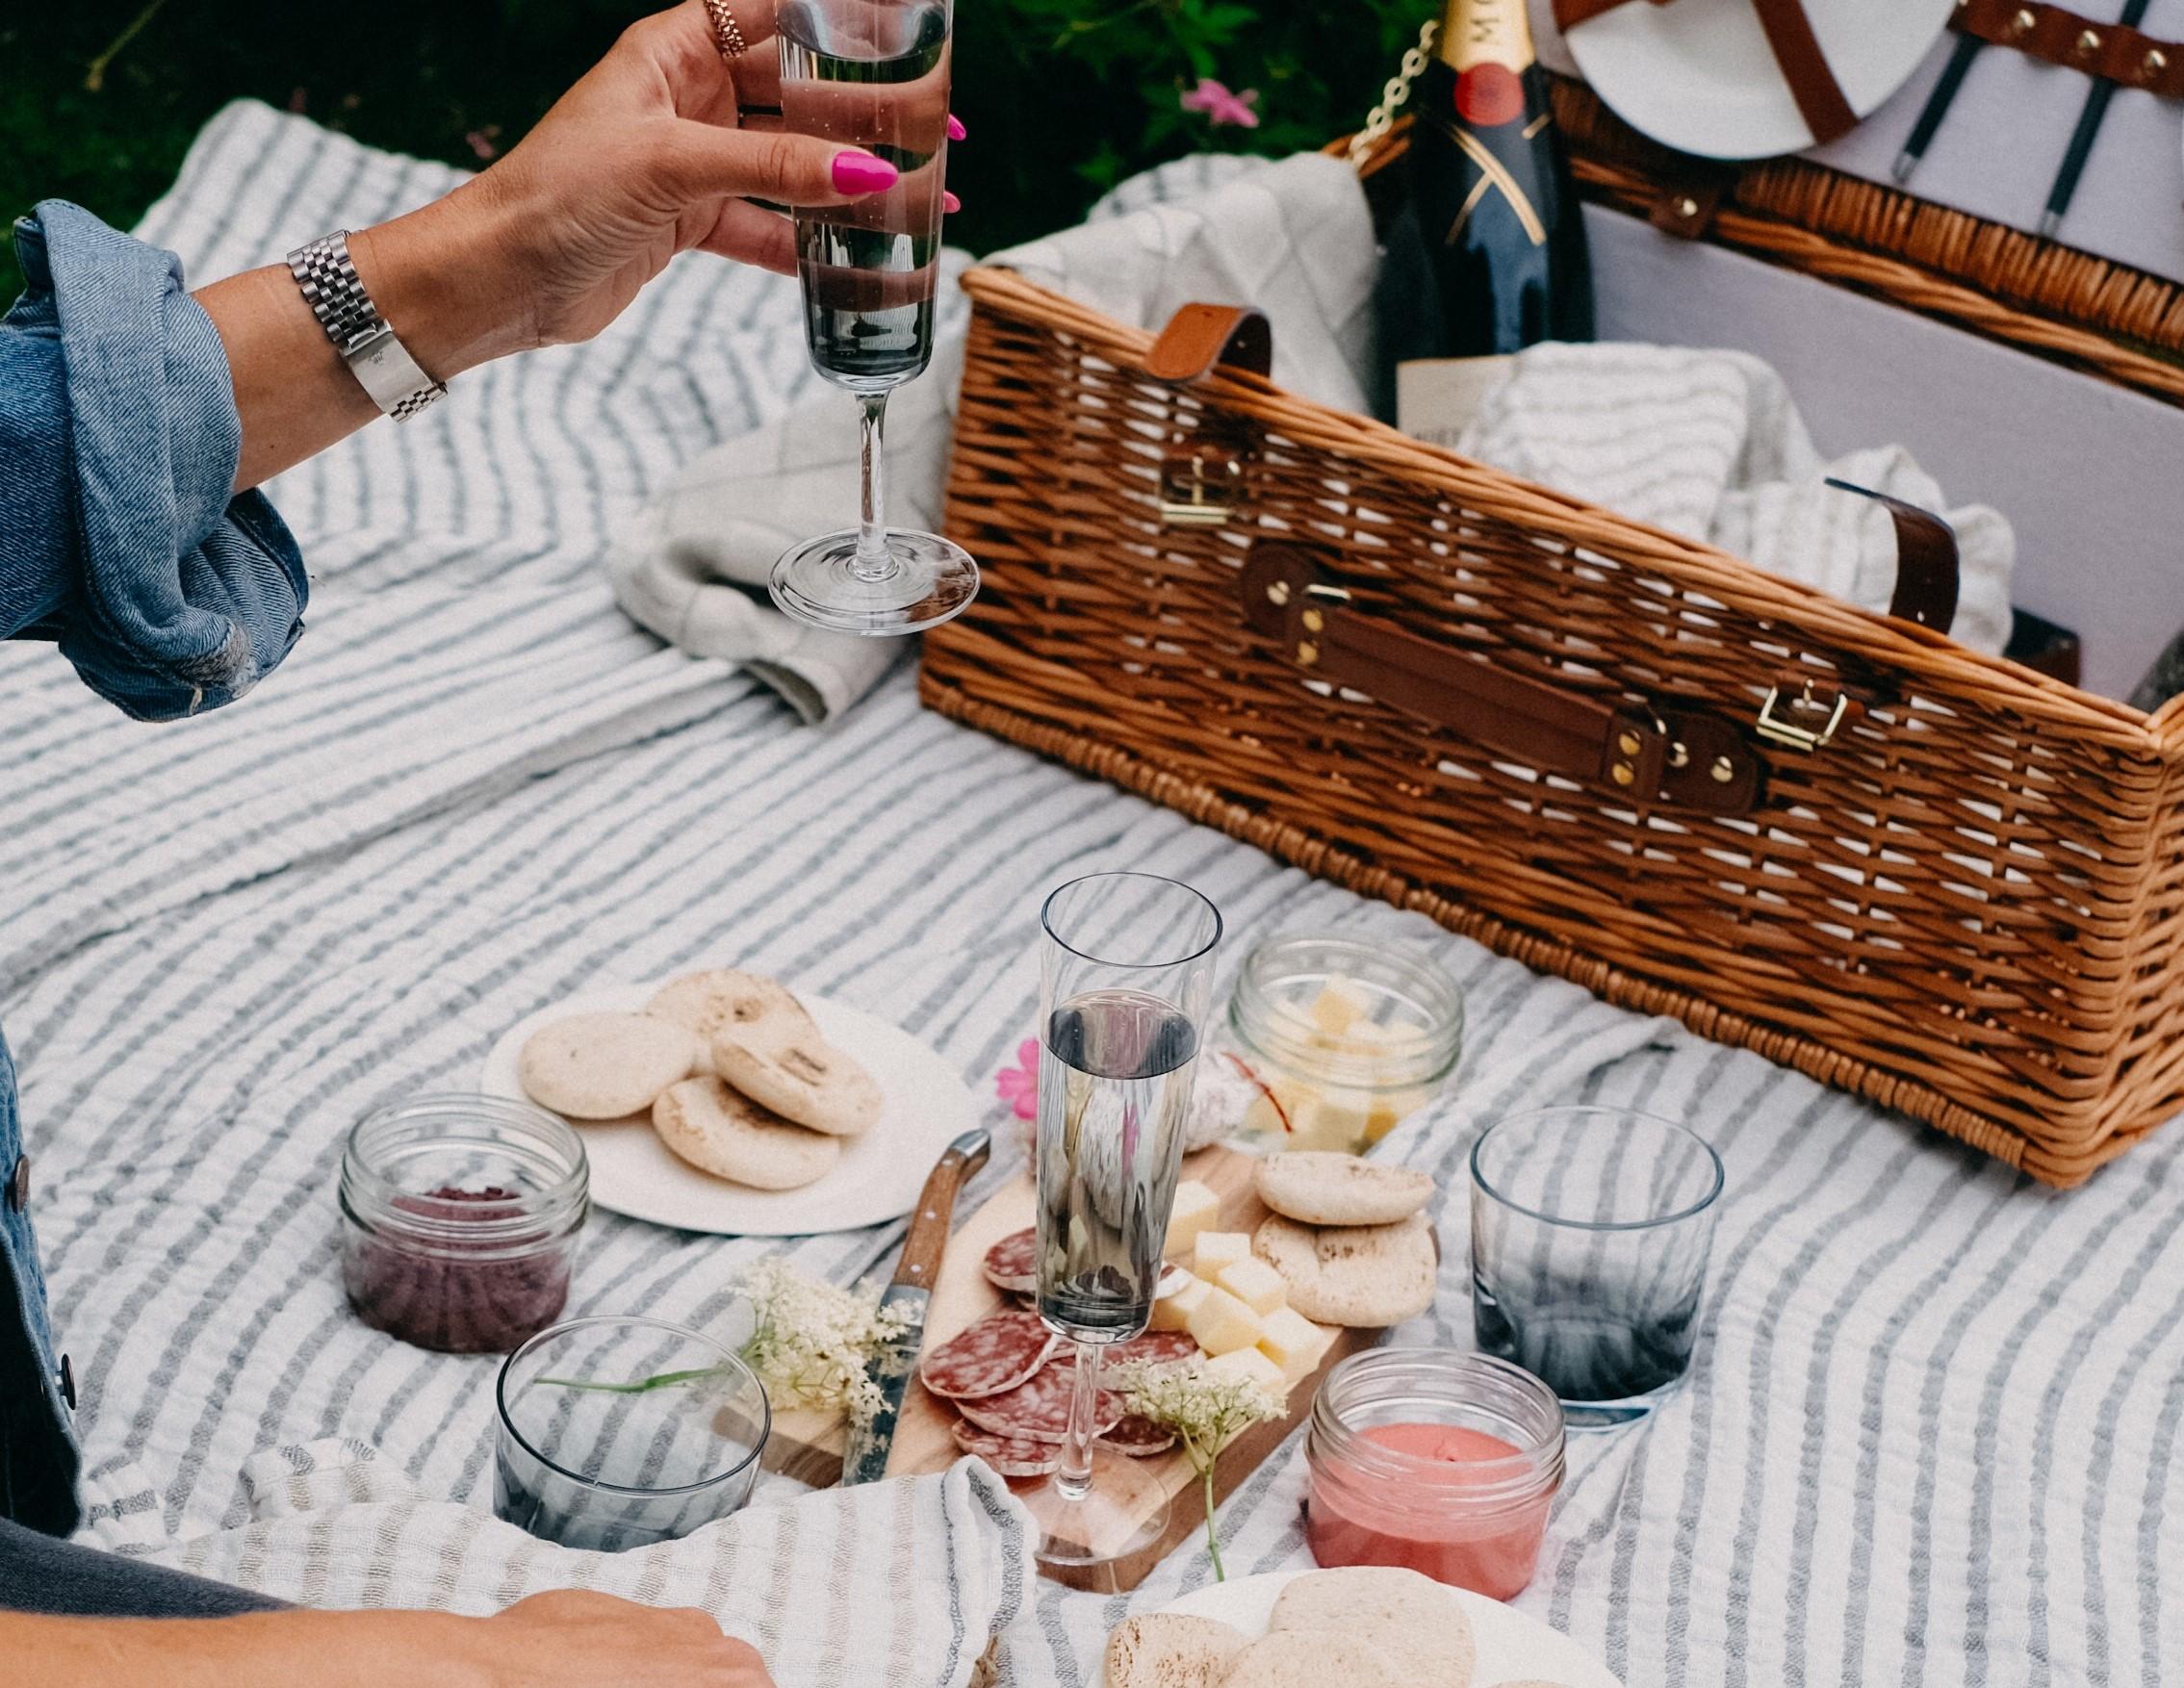 L'escapade - Ultimate picnic offer